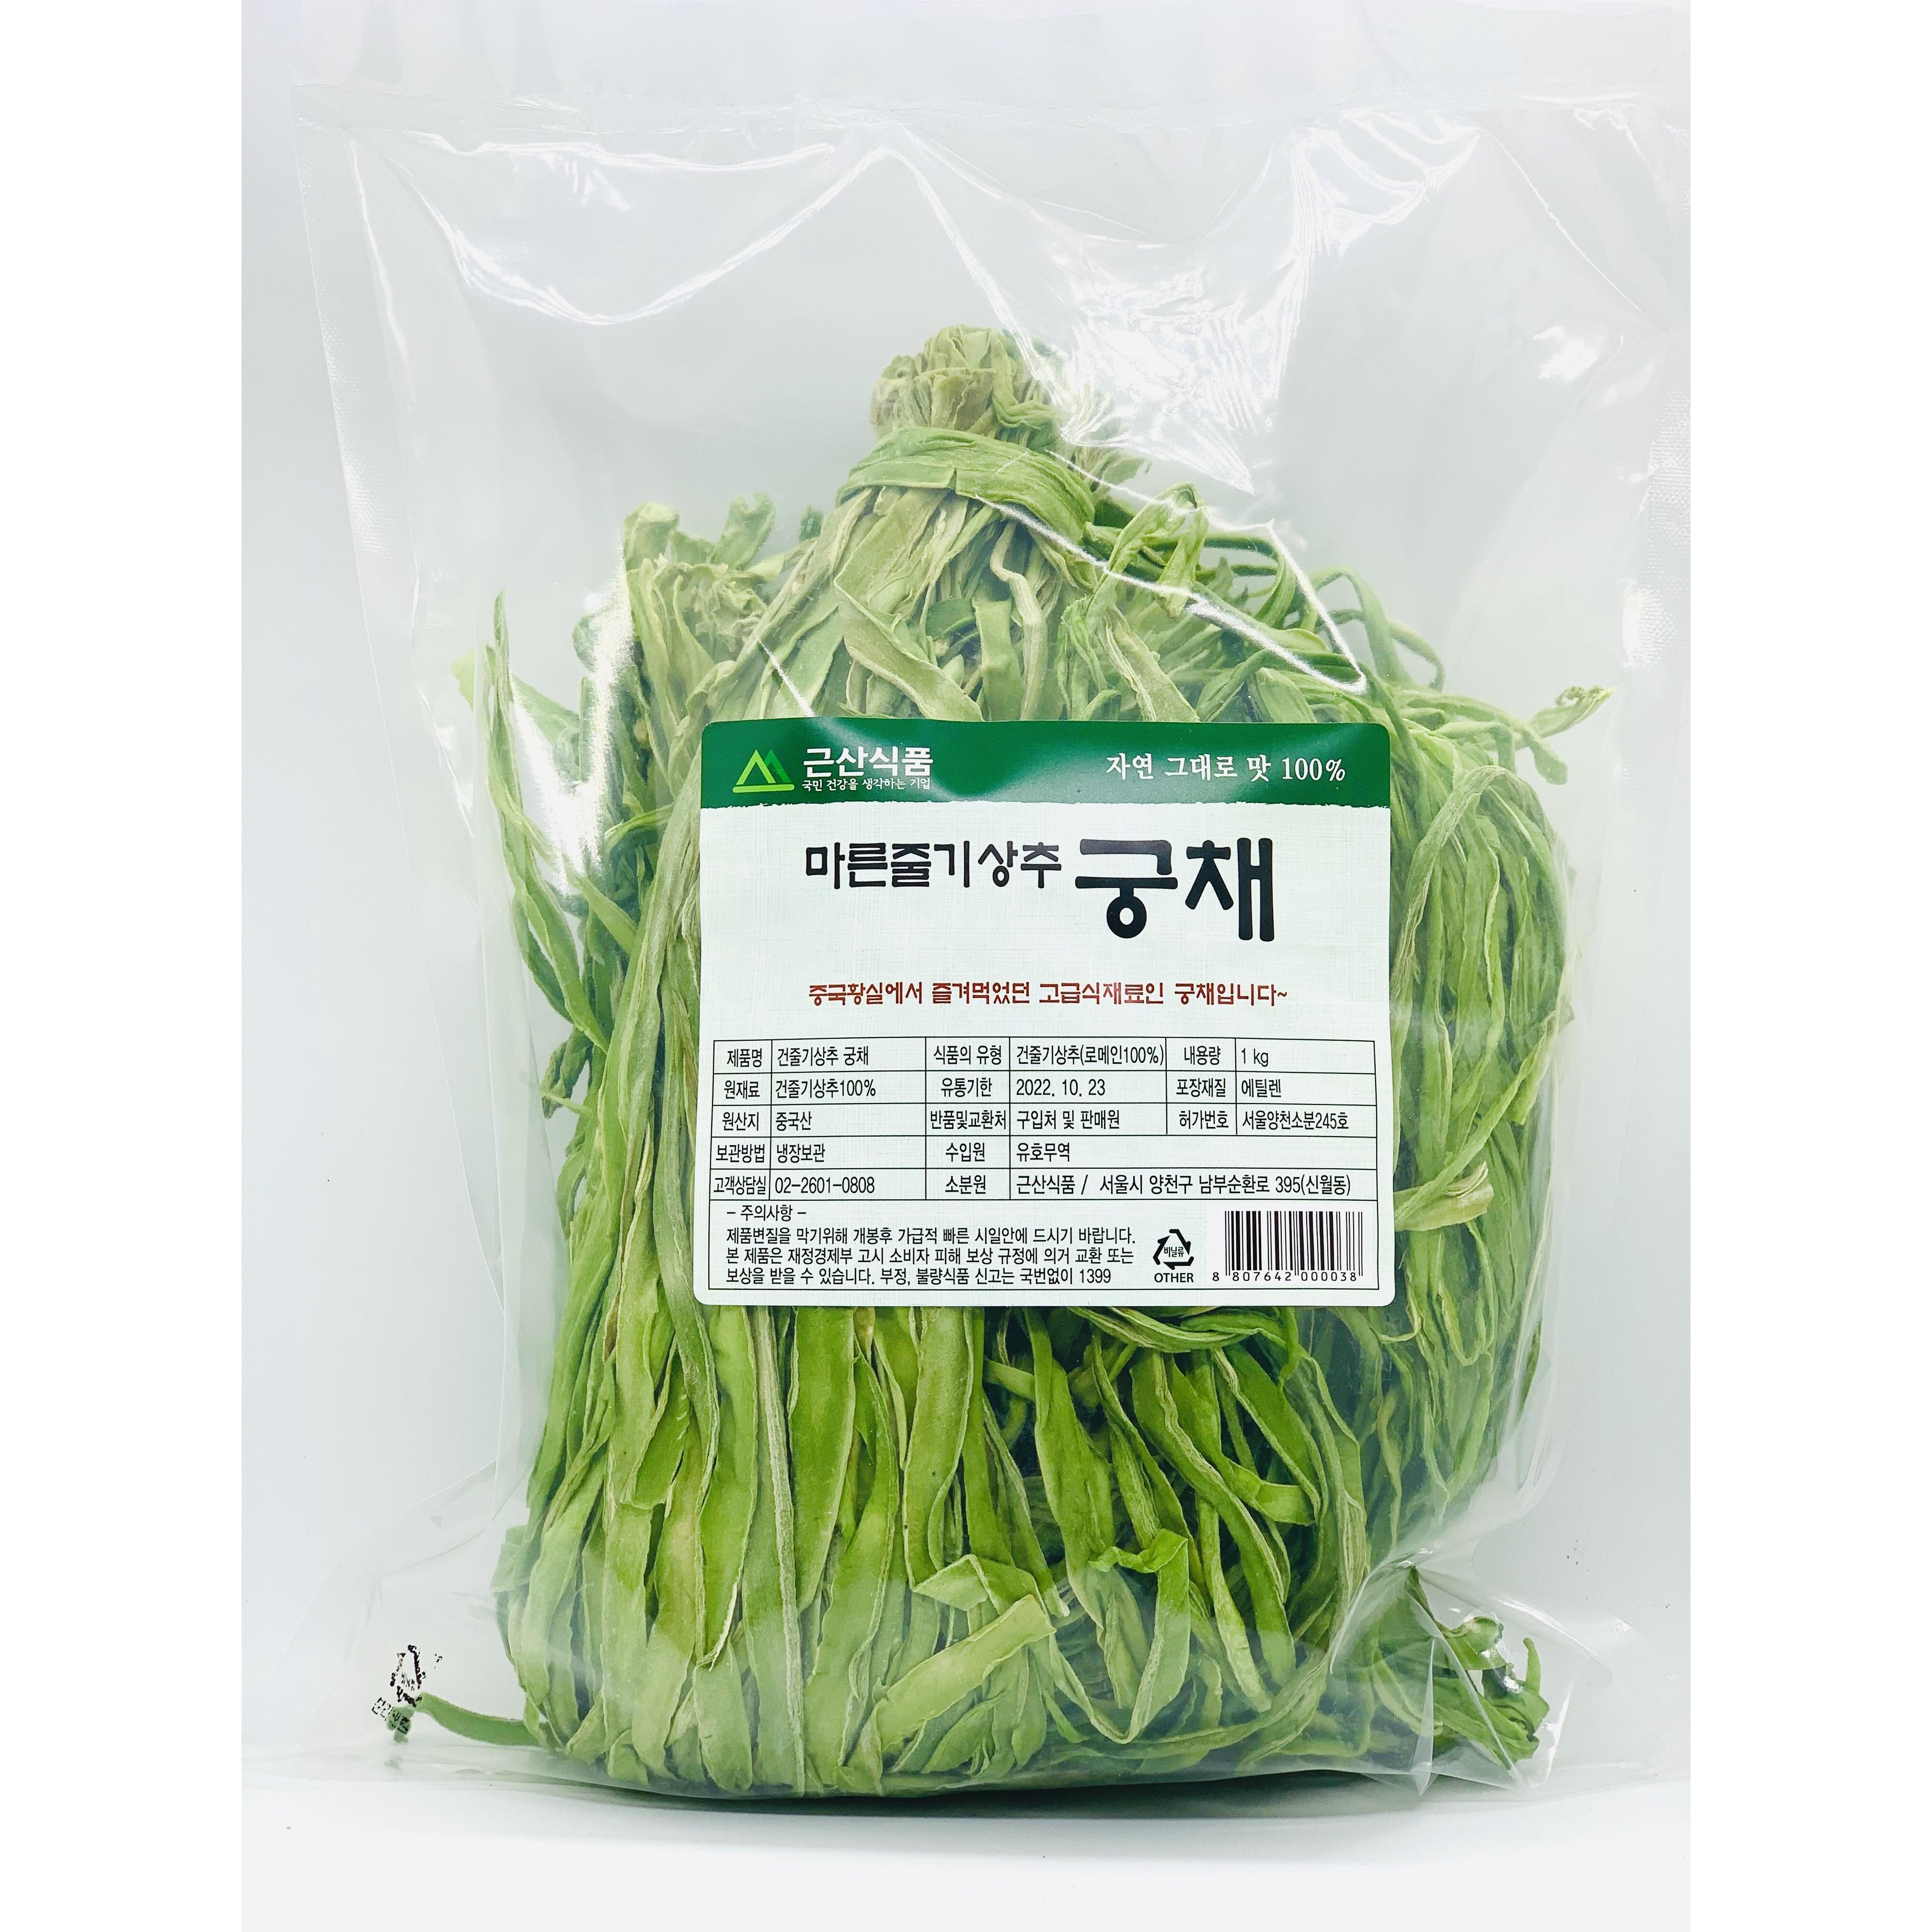 마른줄기상추 1kg 궁채나물 야마구라게, 마른줄기상추1kg